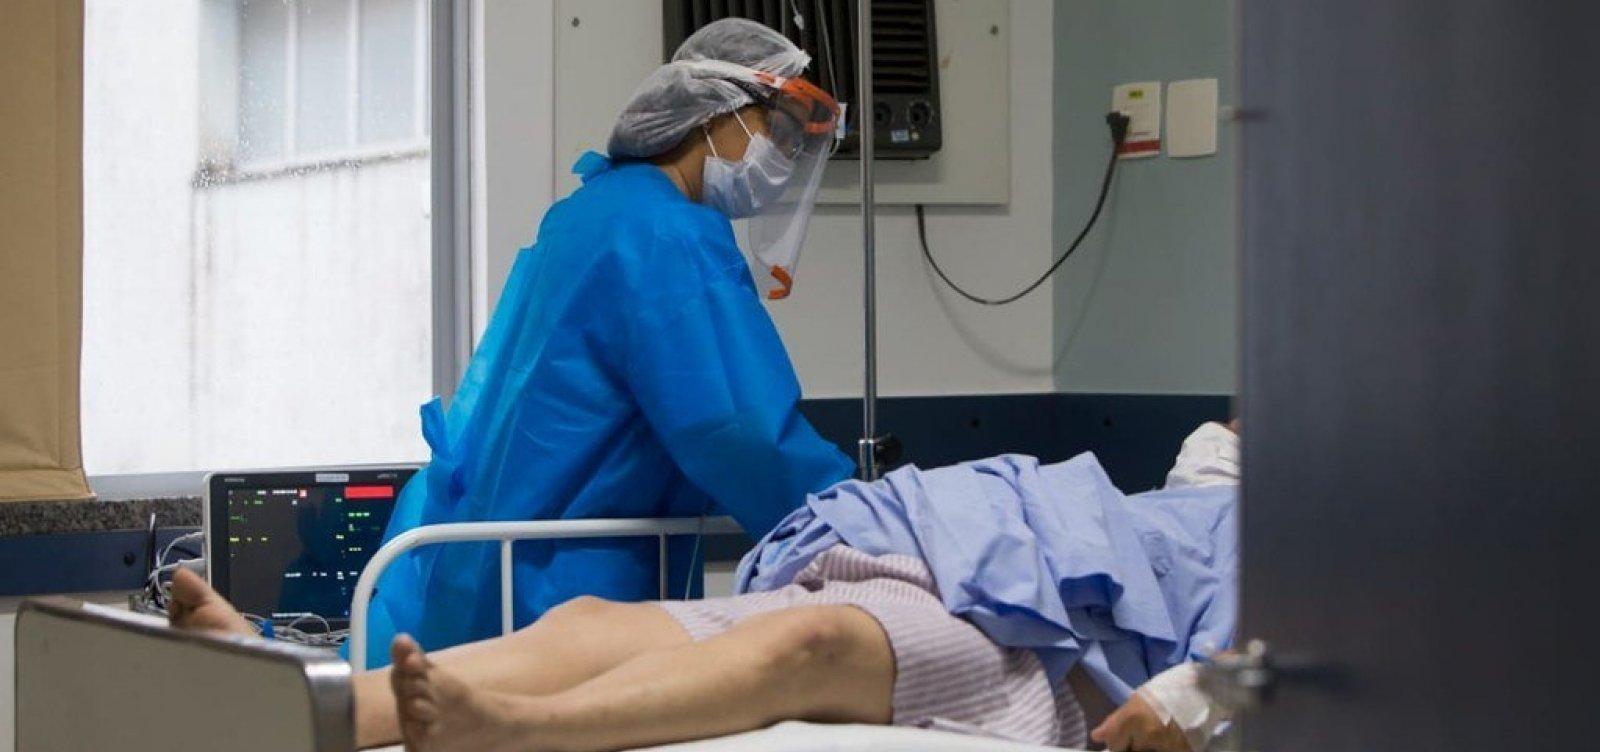 Em 24 horas, Bahia registra 4.461 casos de Covid-19 e 83 mortes pela doença